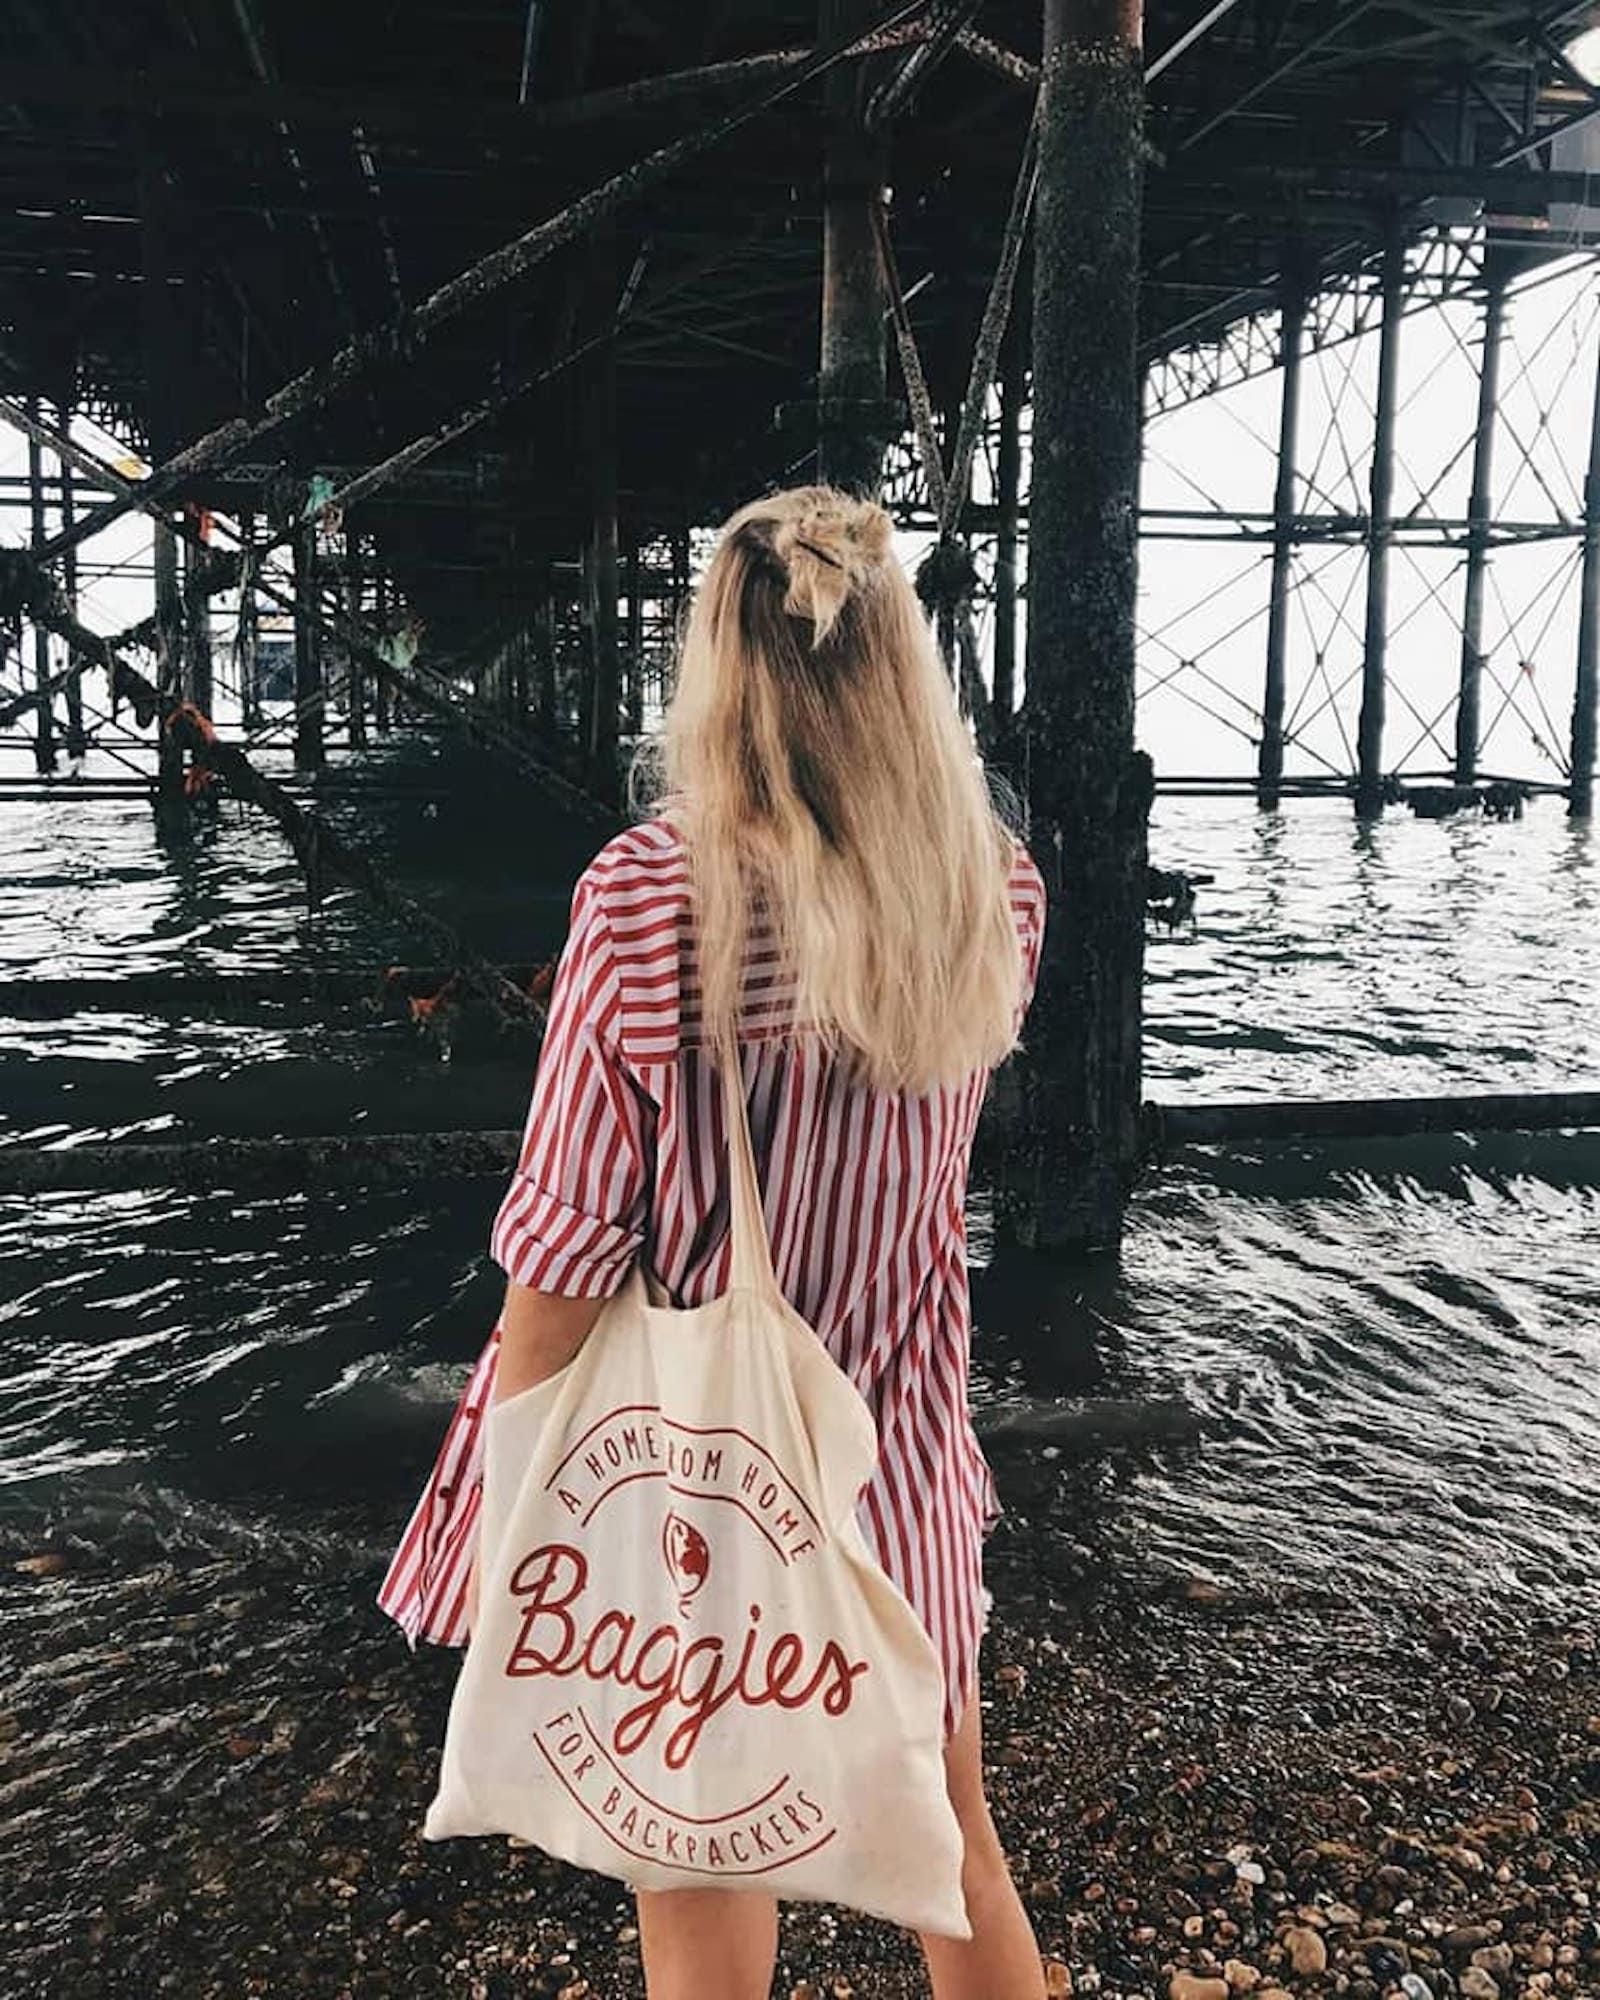 Baggies Backpackers